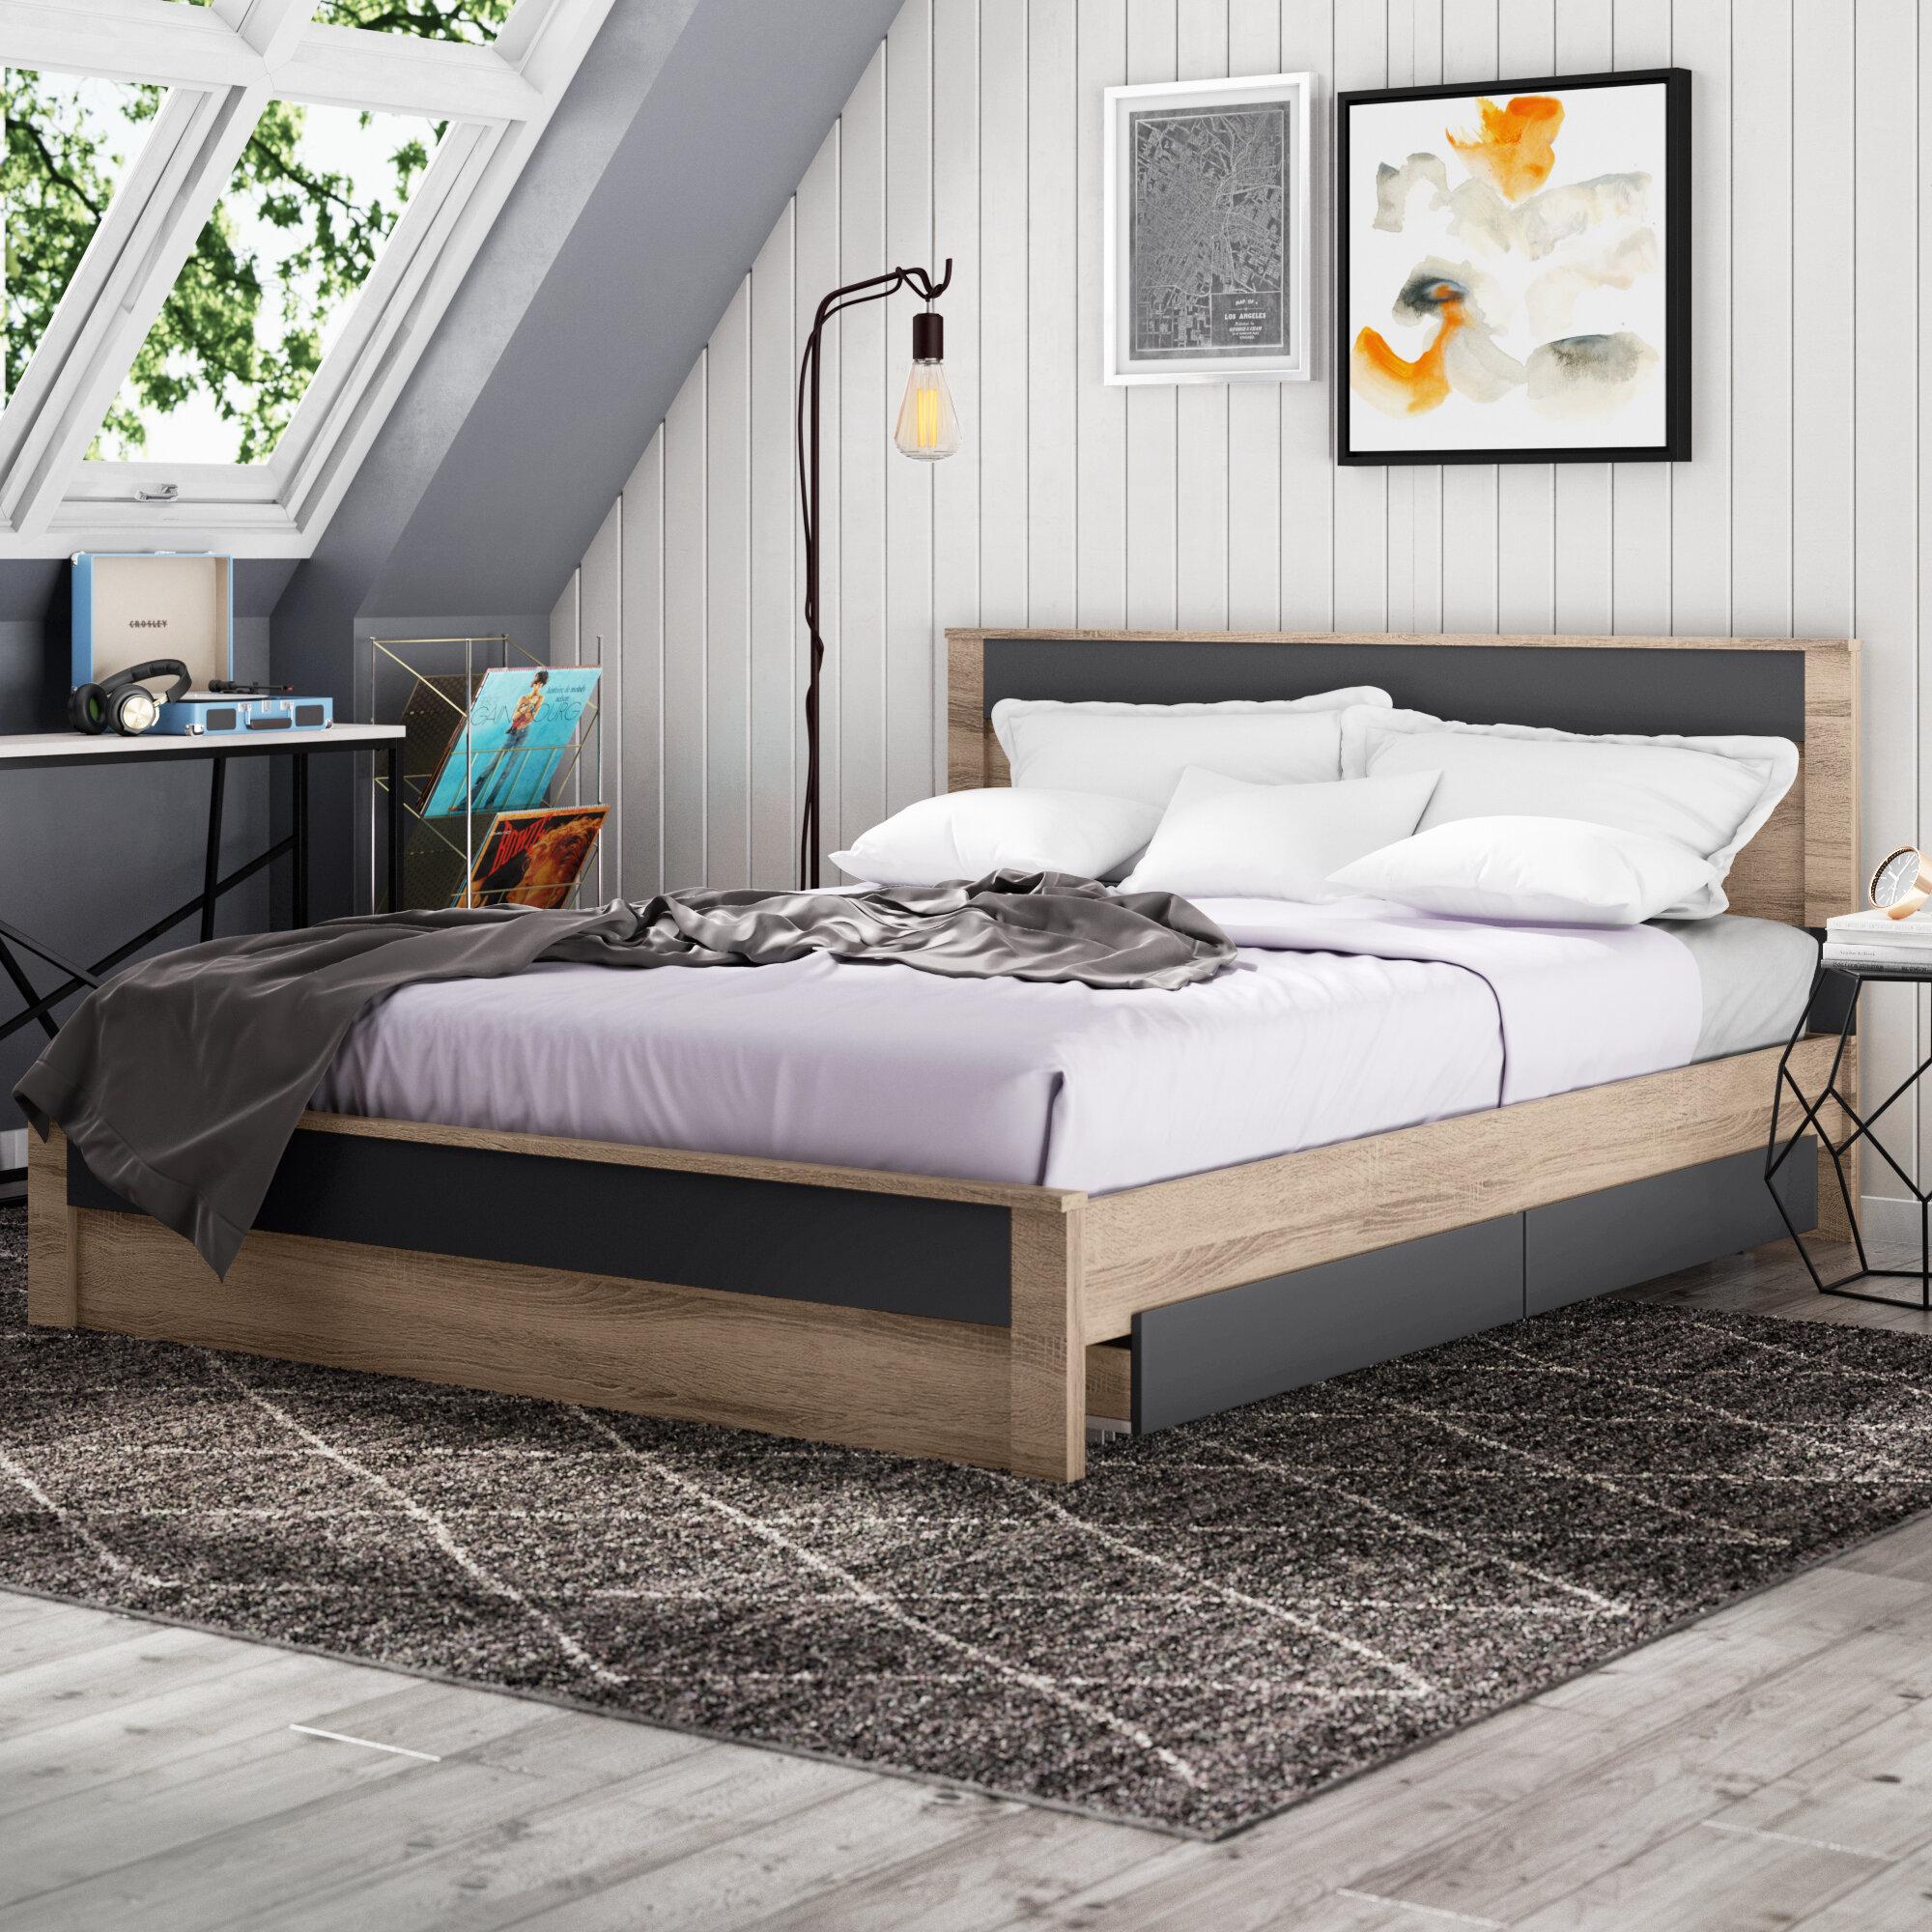 Trule Ashton Queen Storage Platform Bed Reviews